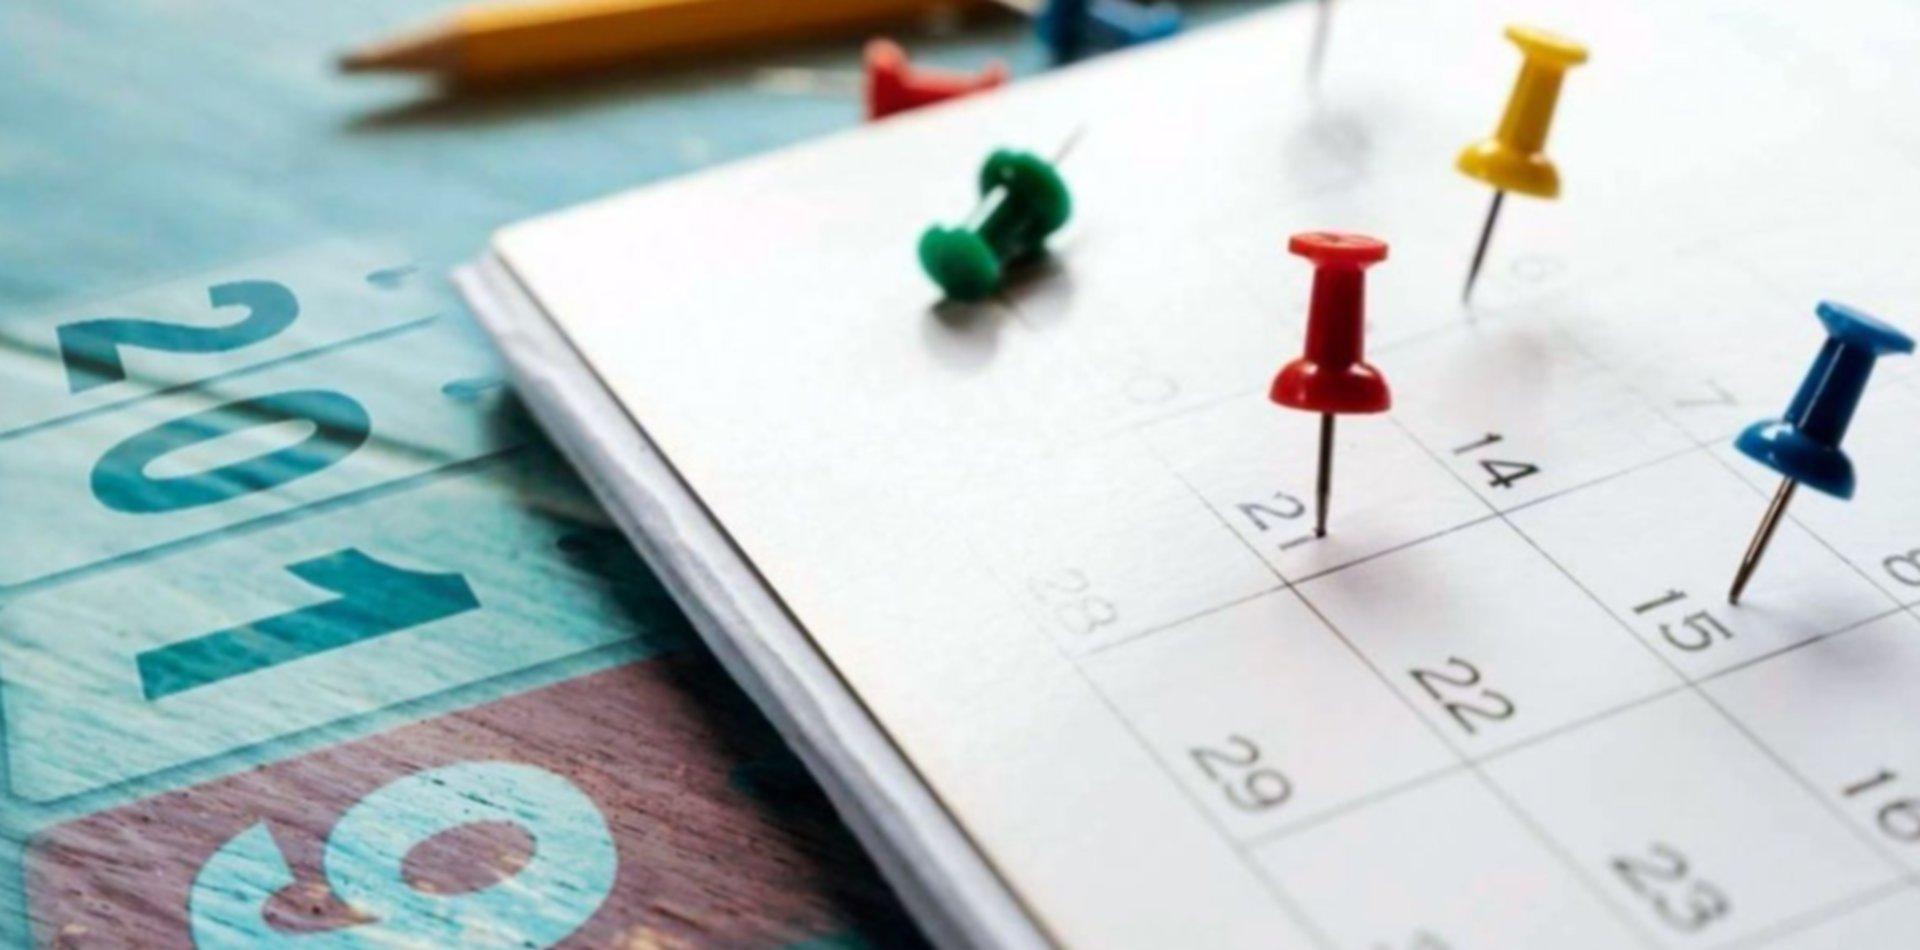 ¿El lunes se traslada el Día de la Soberanía y es feriado o no?